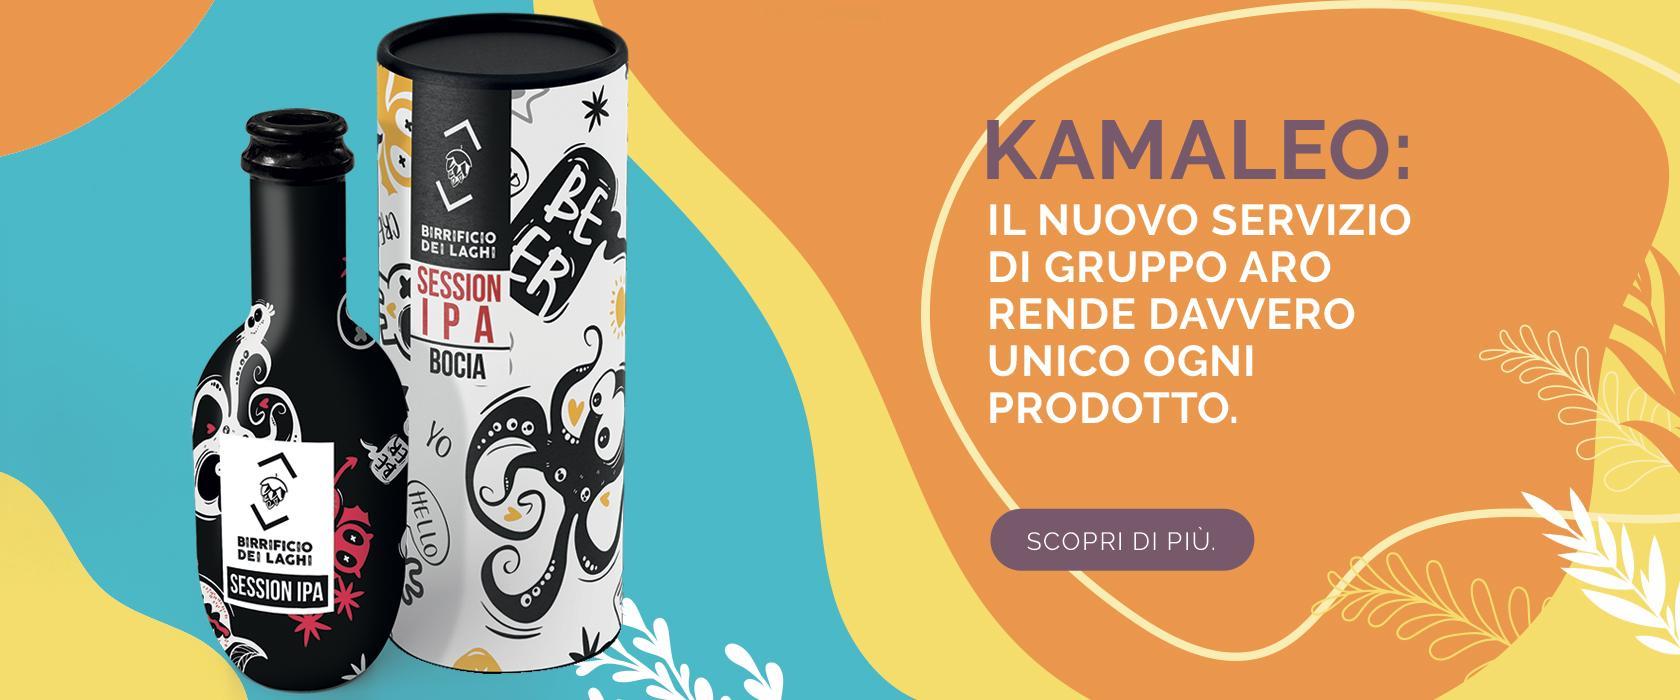 KAMALEO limited etidion pezzi unici unico file